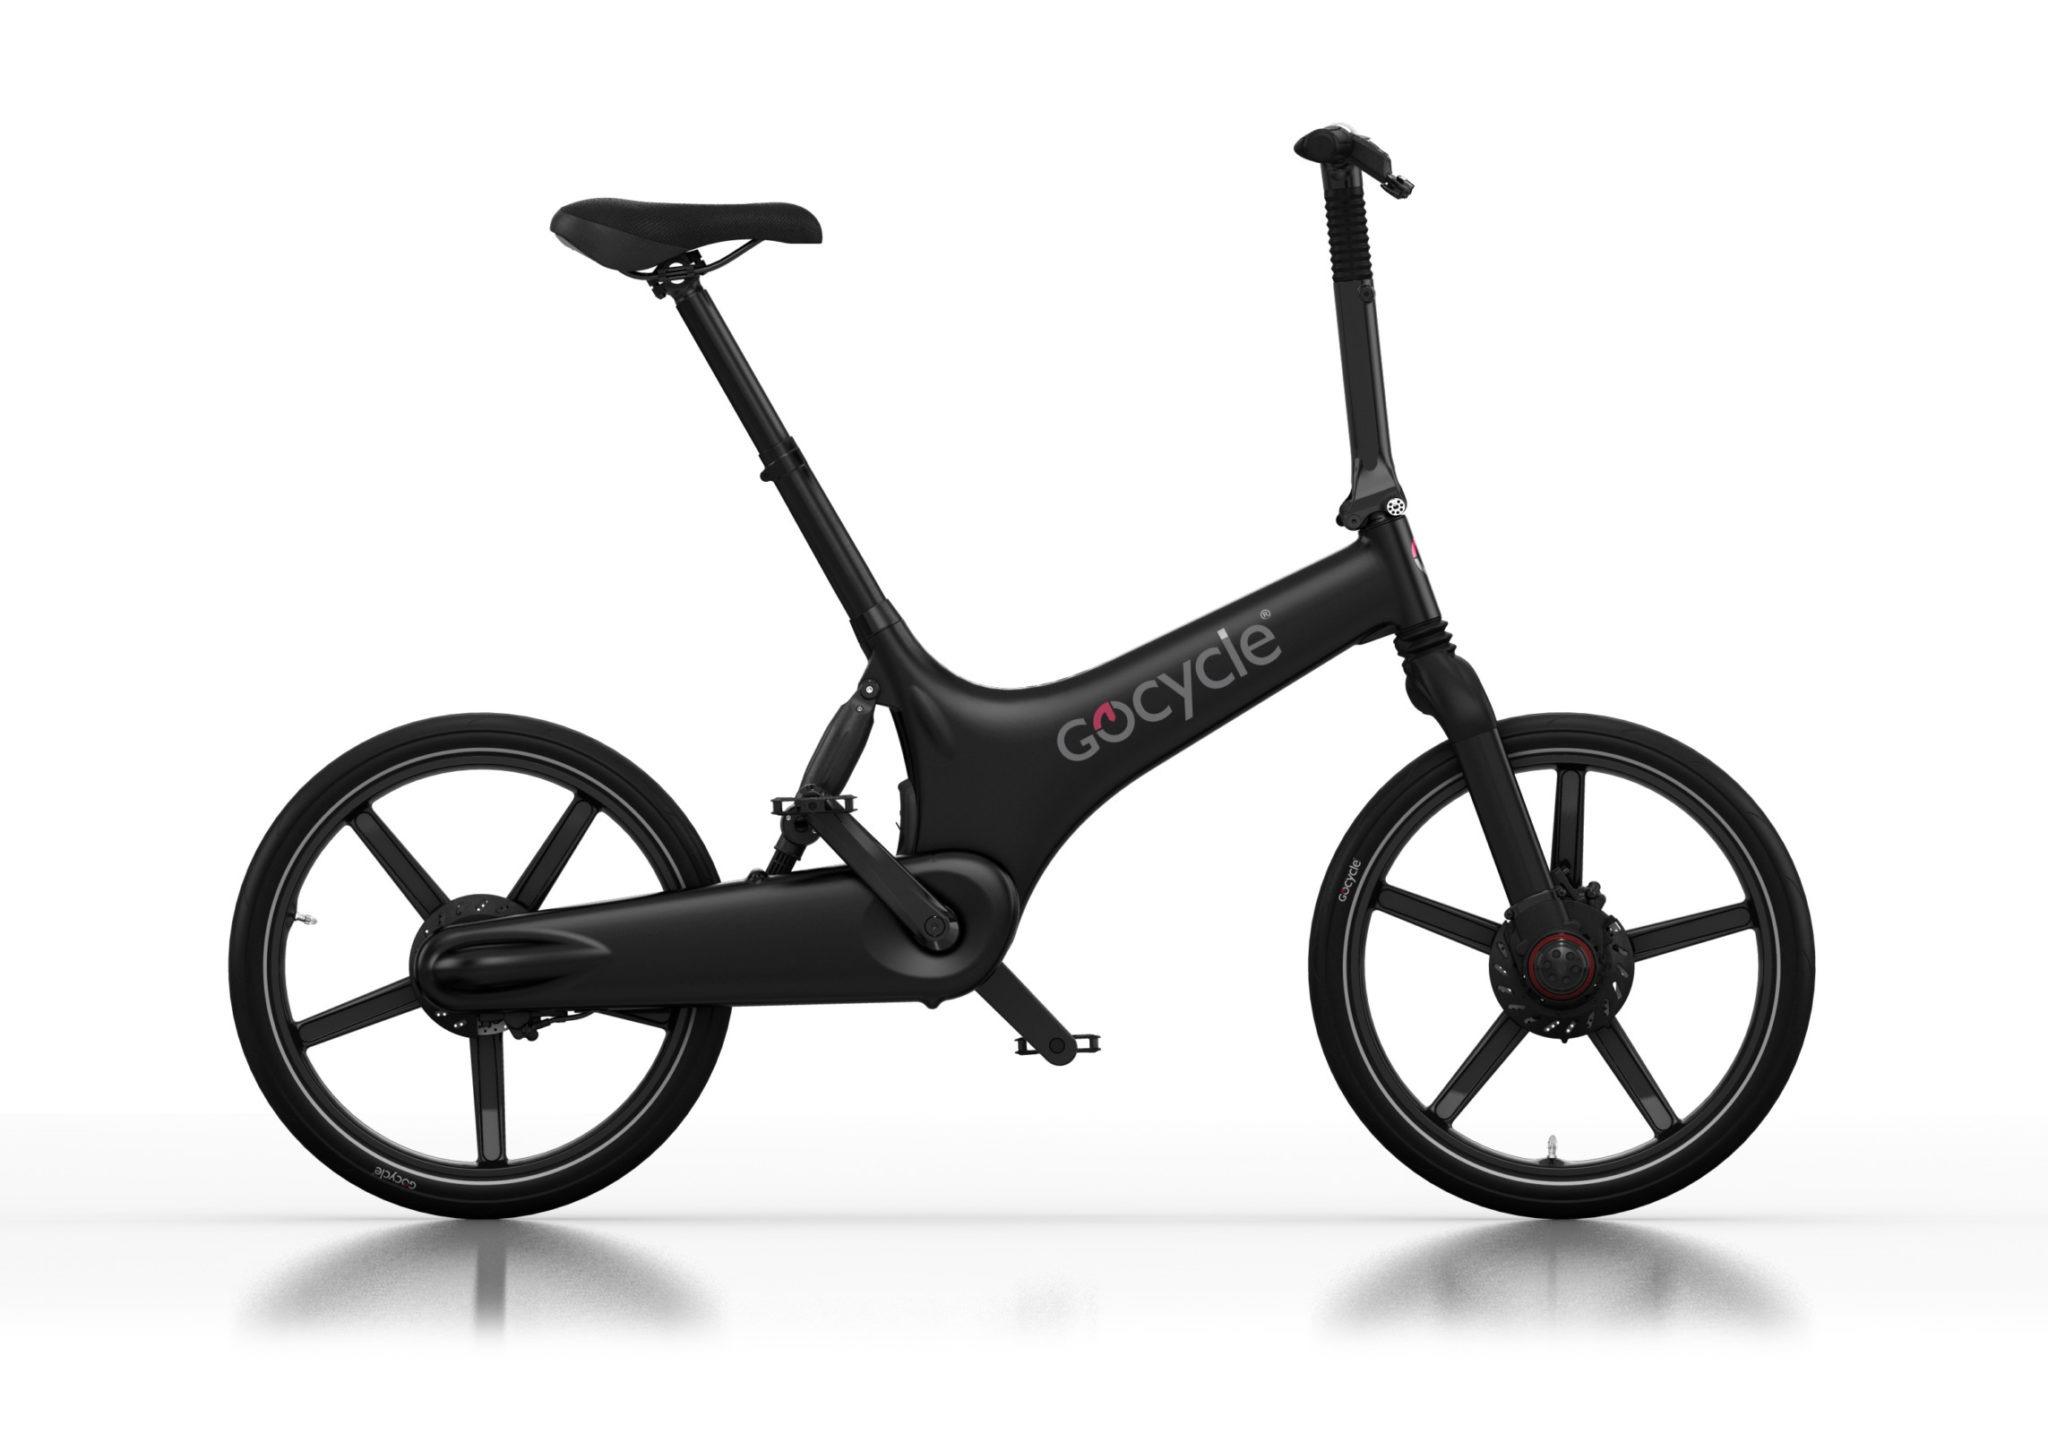 Gocycle G3 črne mat barve